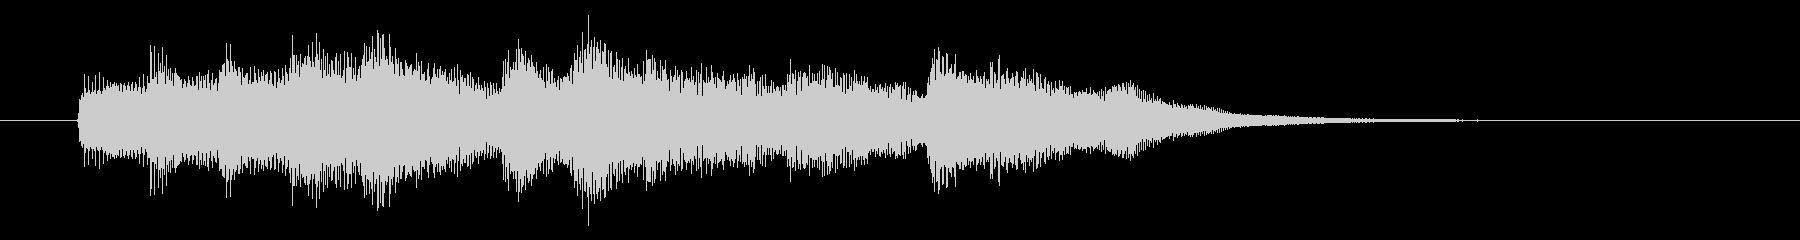 メロディアスで可憐なピアノジングルの未再生の波形